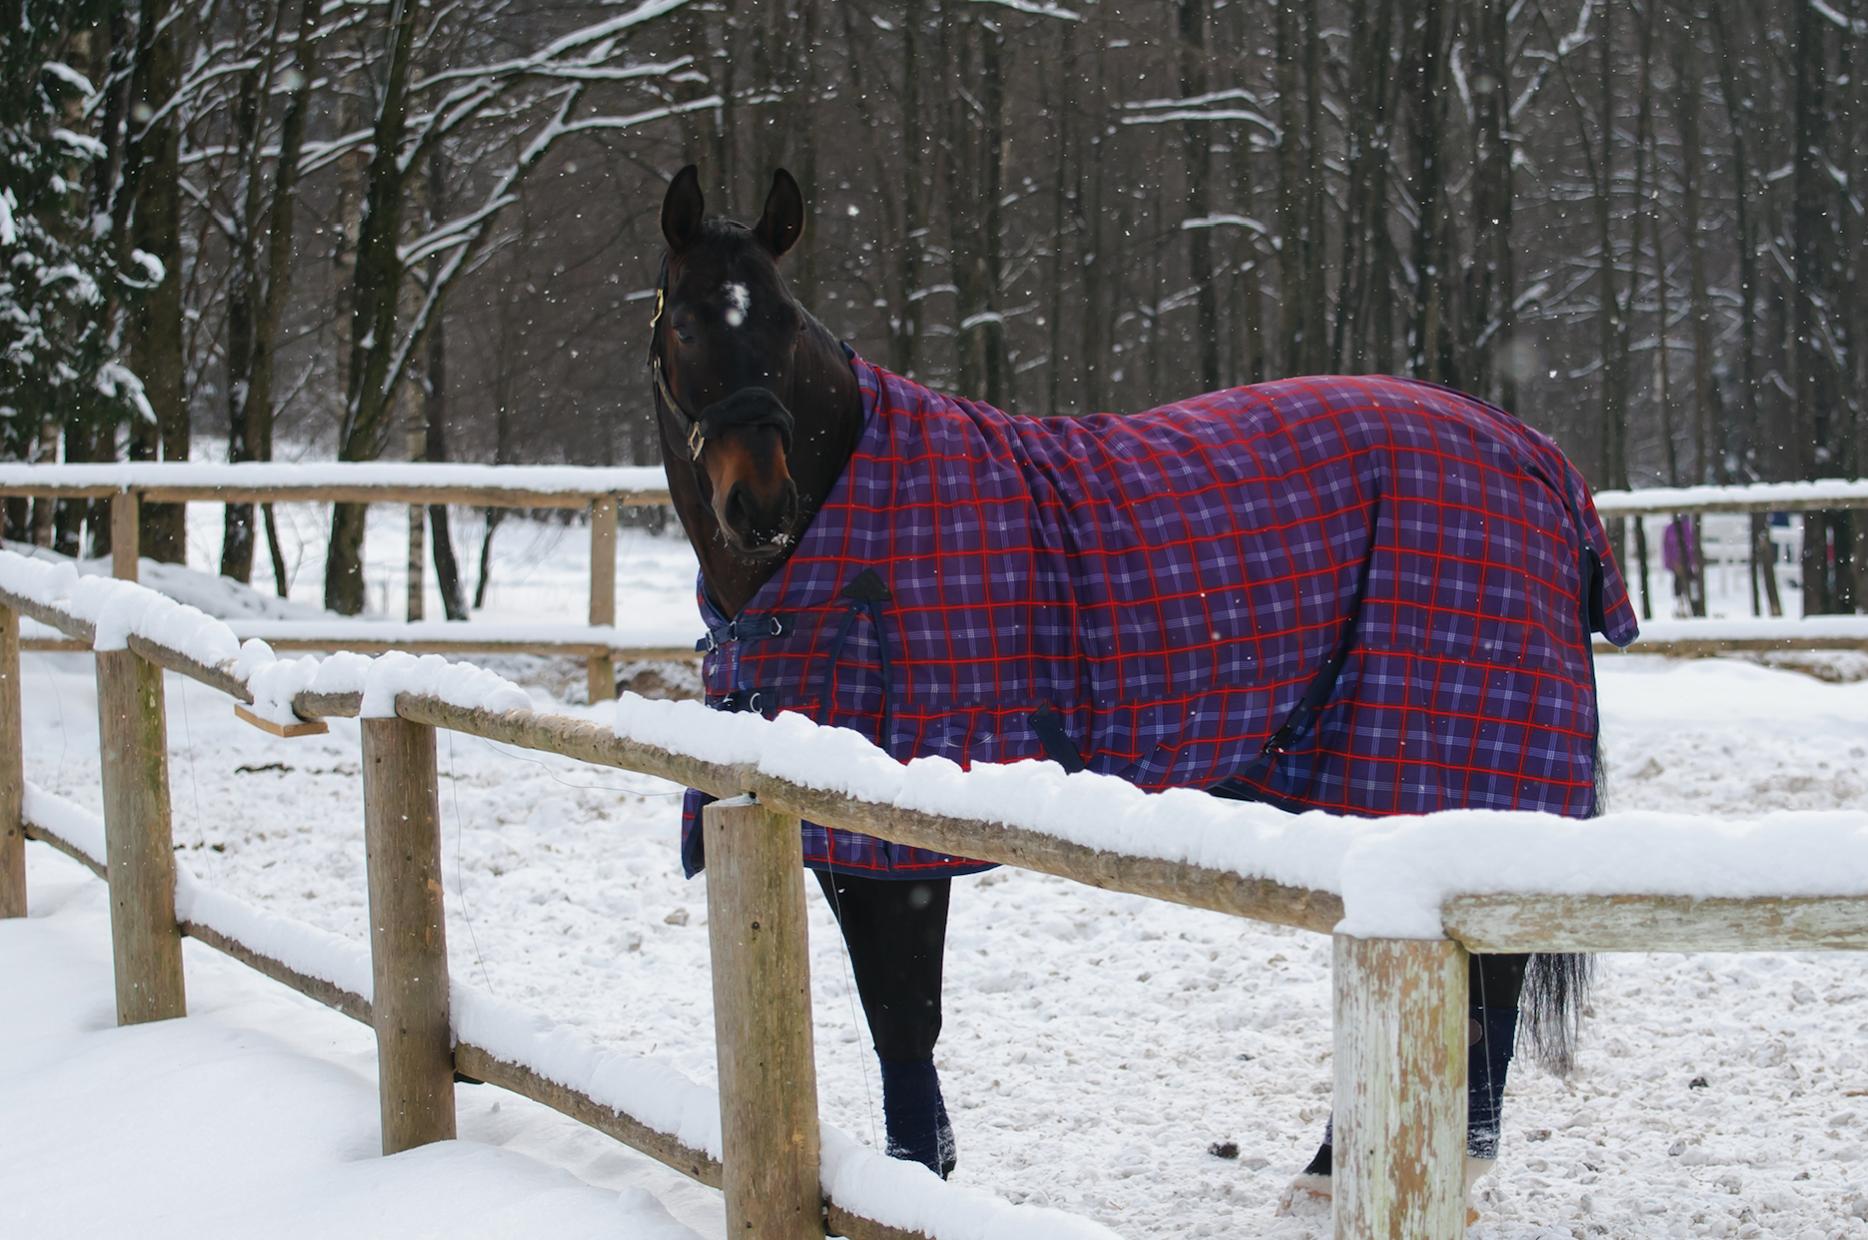 täcke storlek till häst